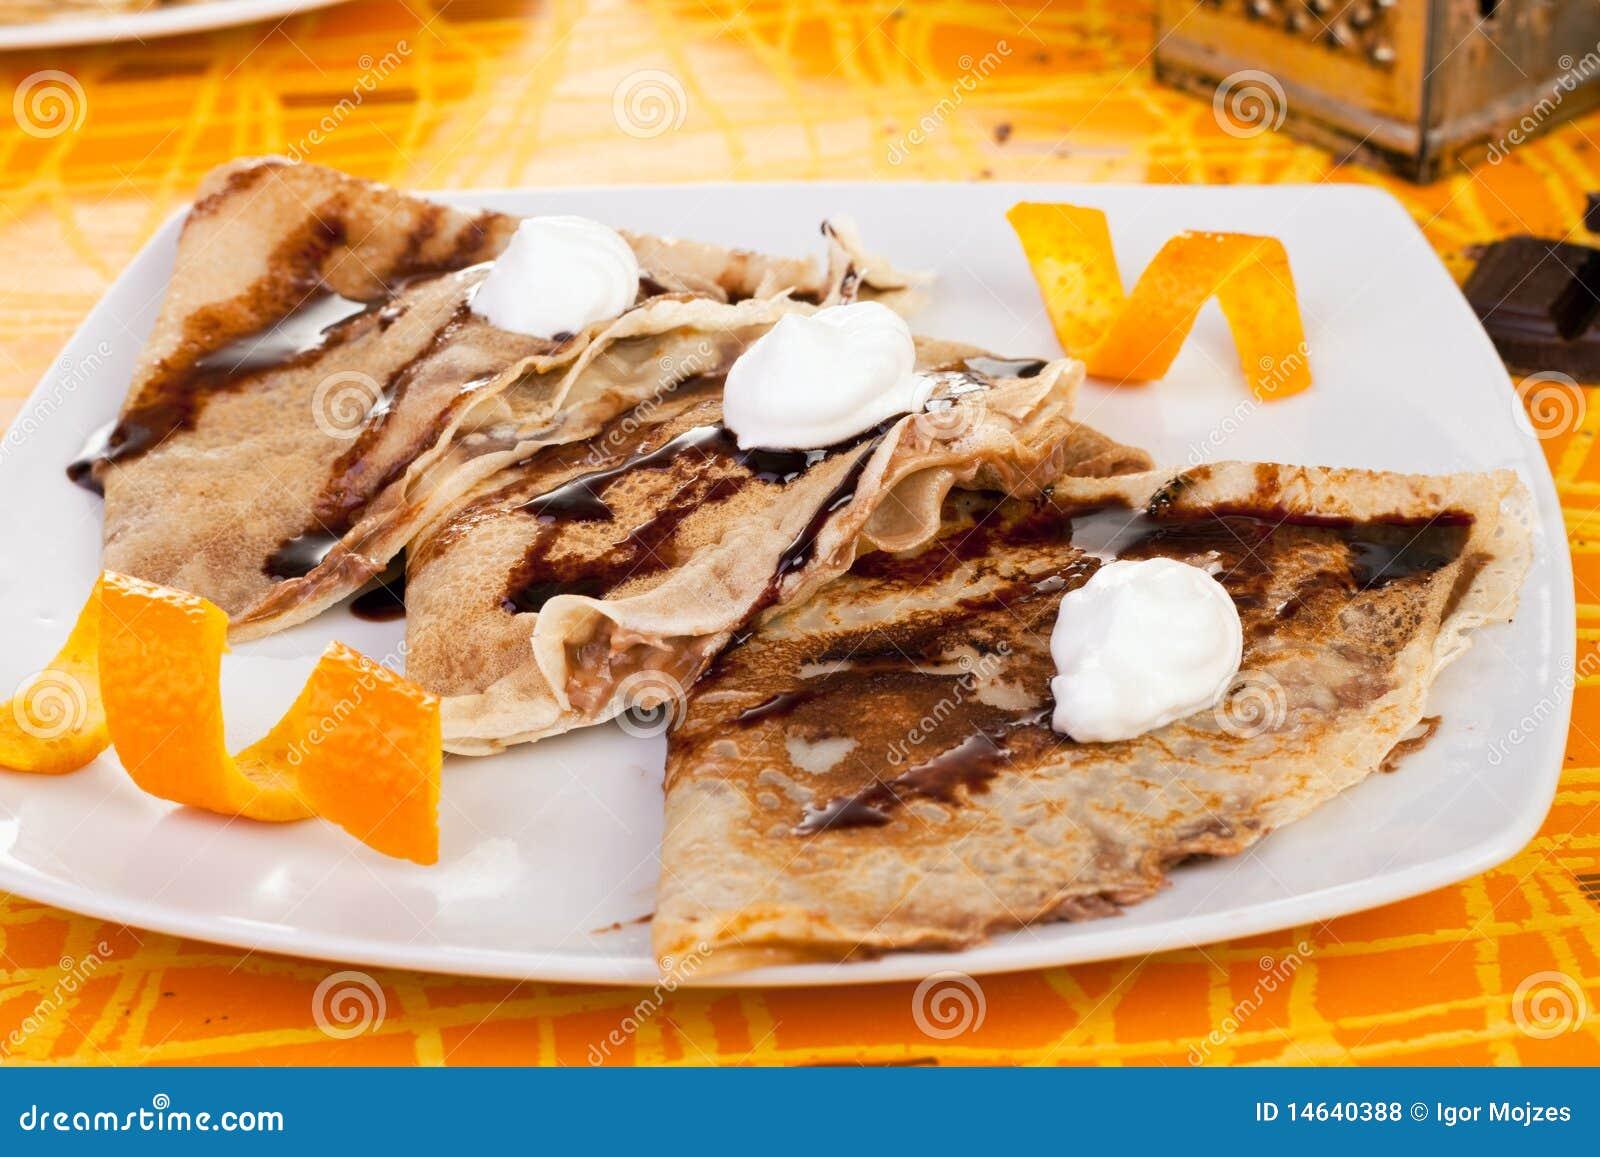 pancake dolci con l 39 arancio fotografia stock immagine di antipasto fame 14640388. Black Bedroom Furniture Sets. Home Design Ideas